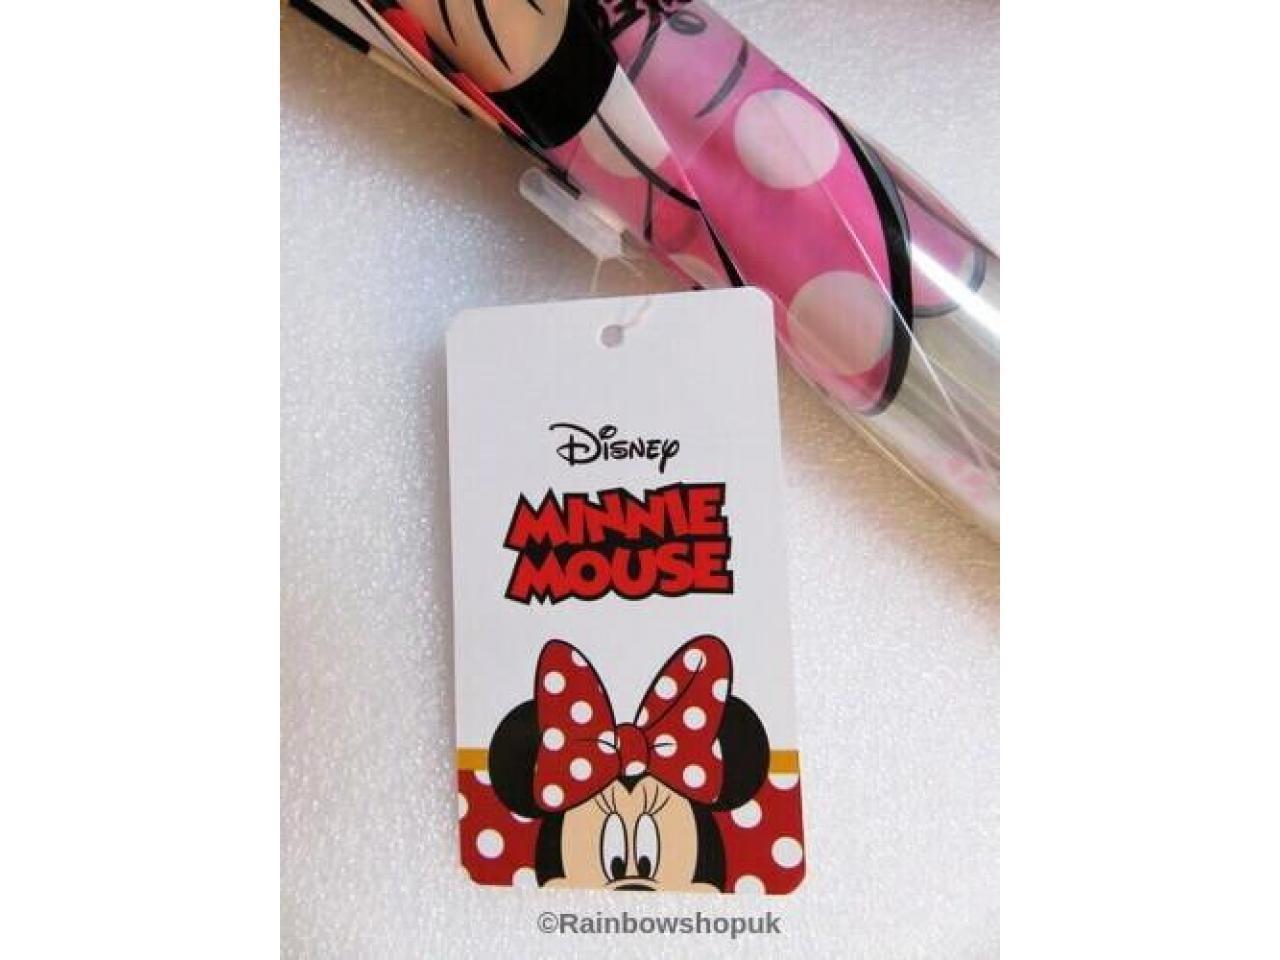 продам детский зонтик Мини Маус от компании Disney - 3